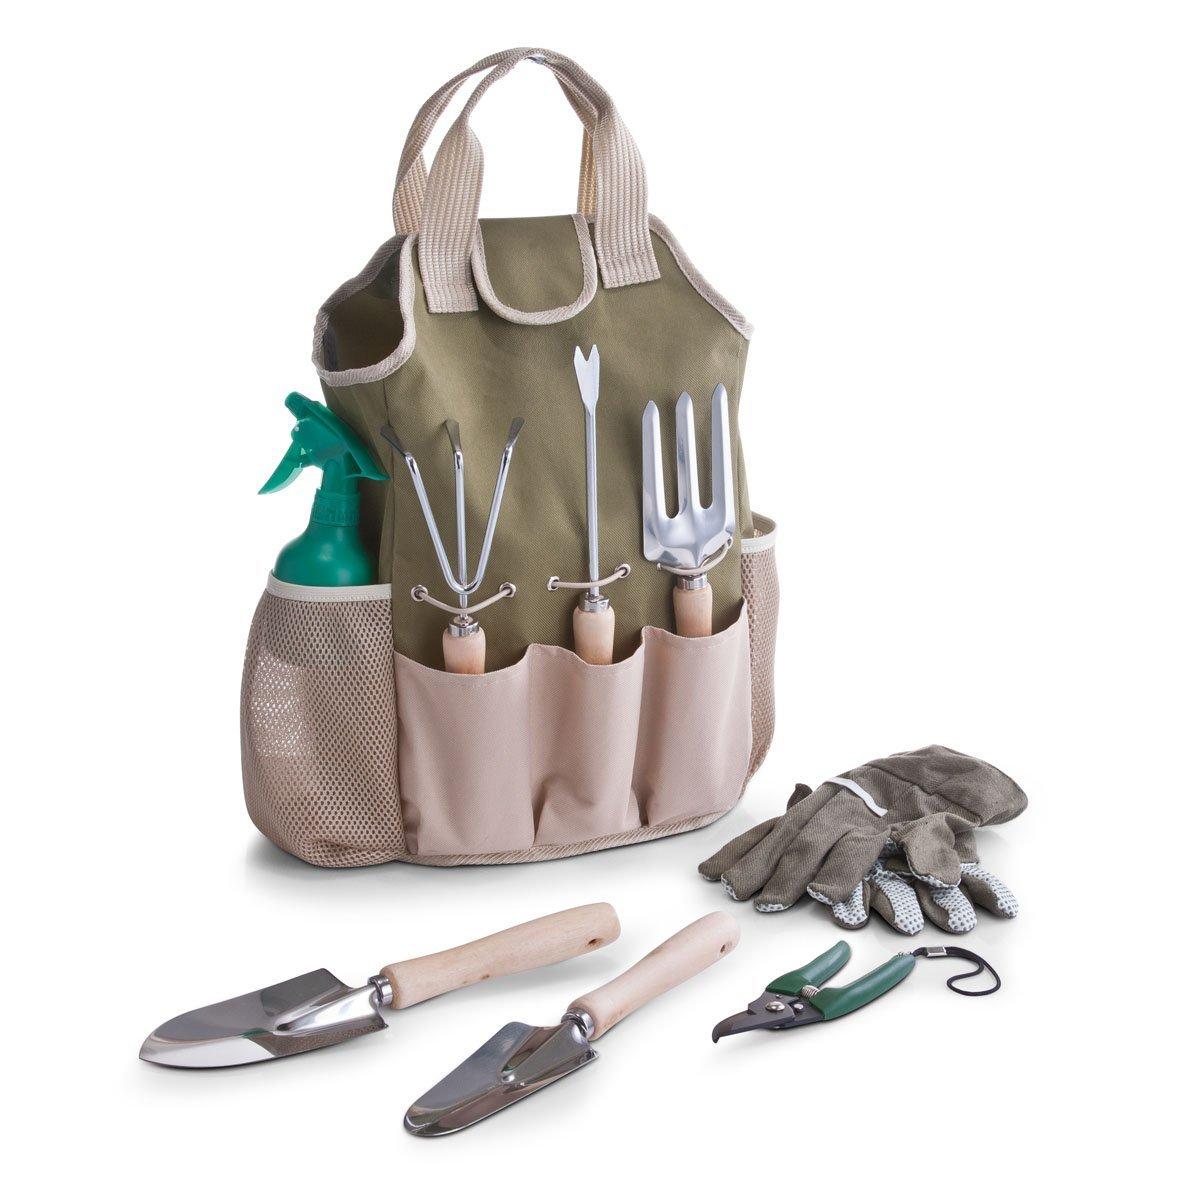 Les outils nécessaires pour le jardinage - Jardiscount